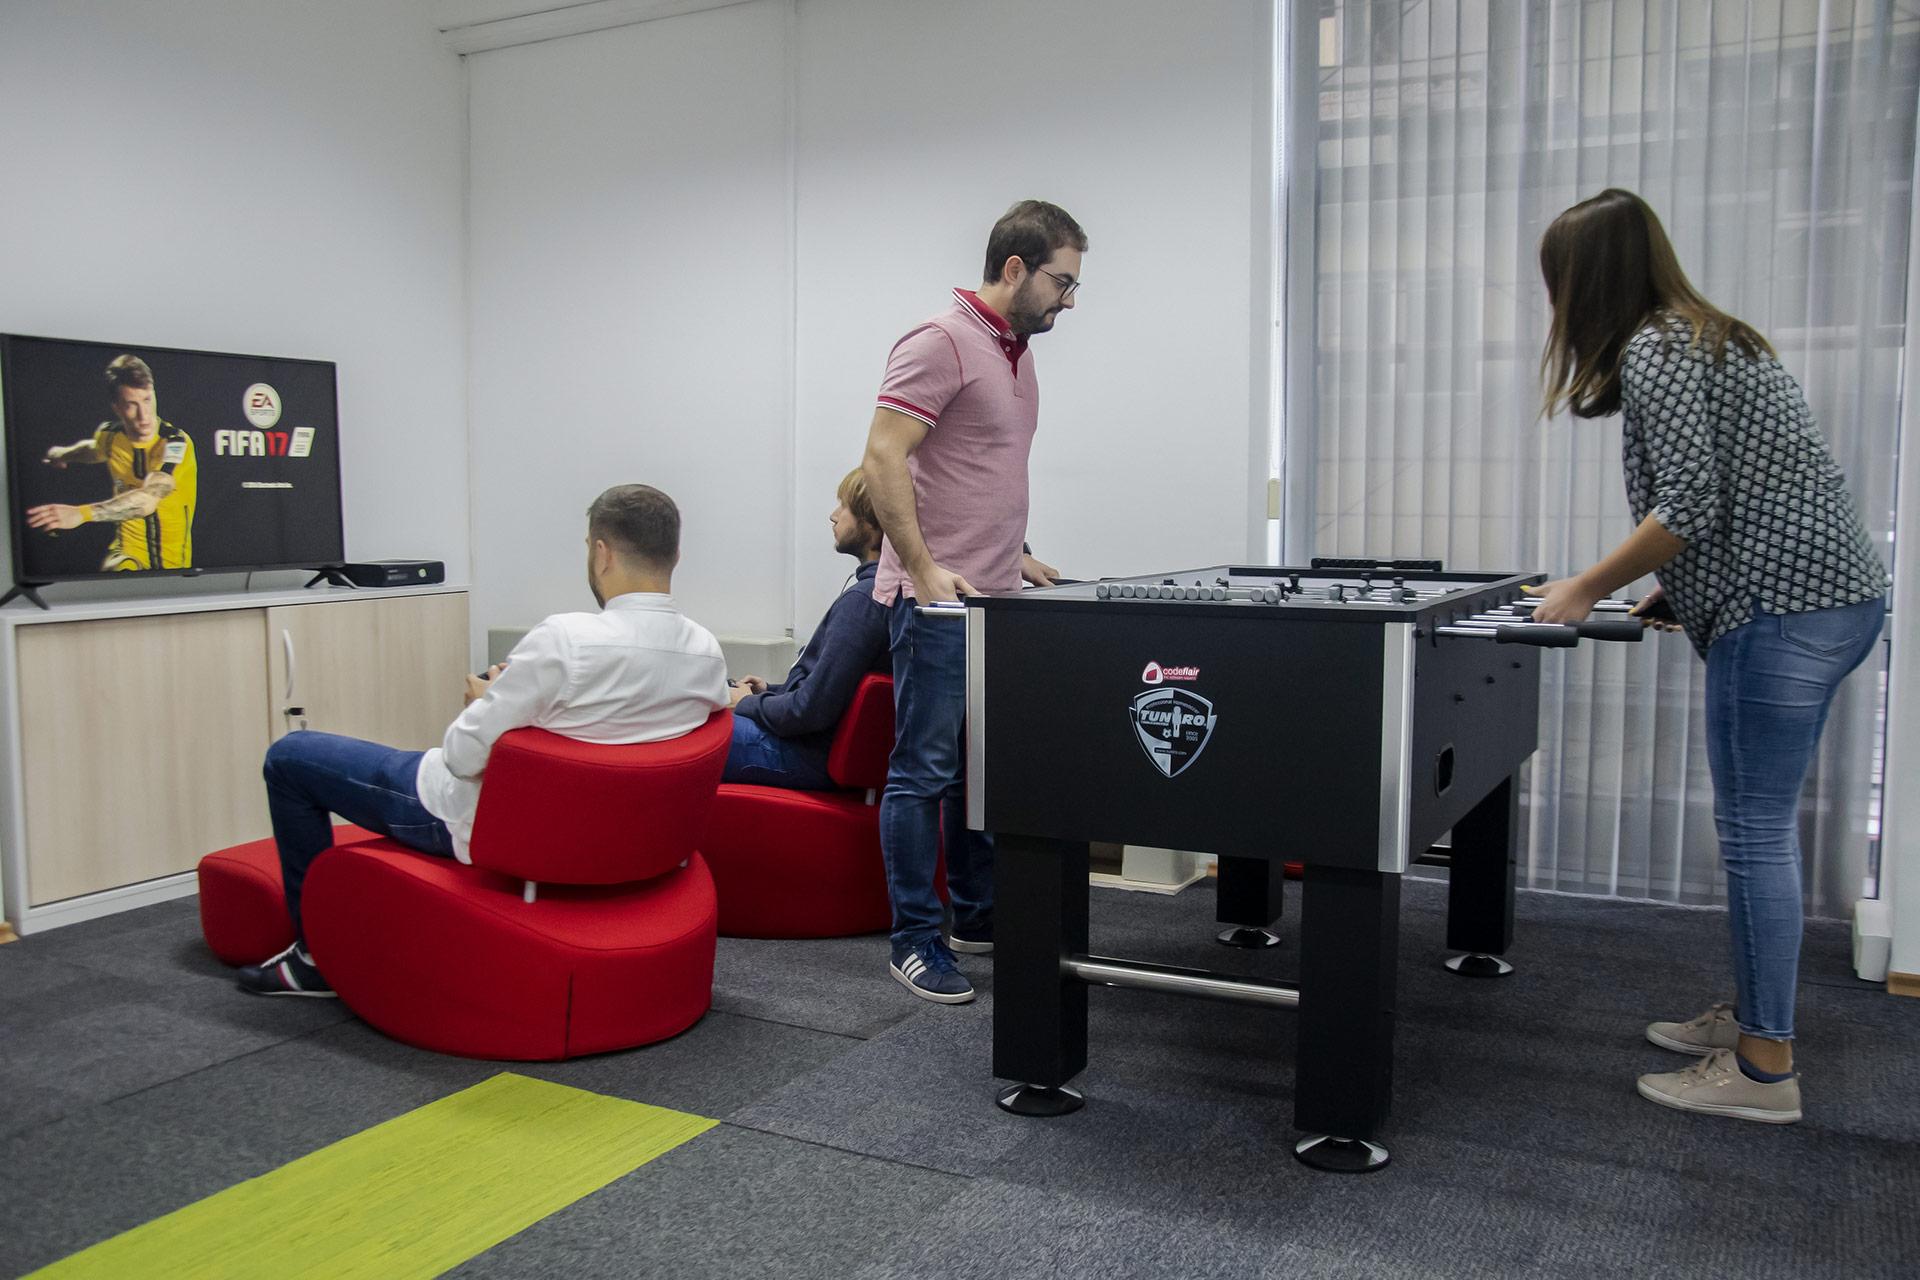 codeflair fun in the office